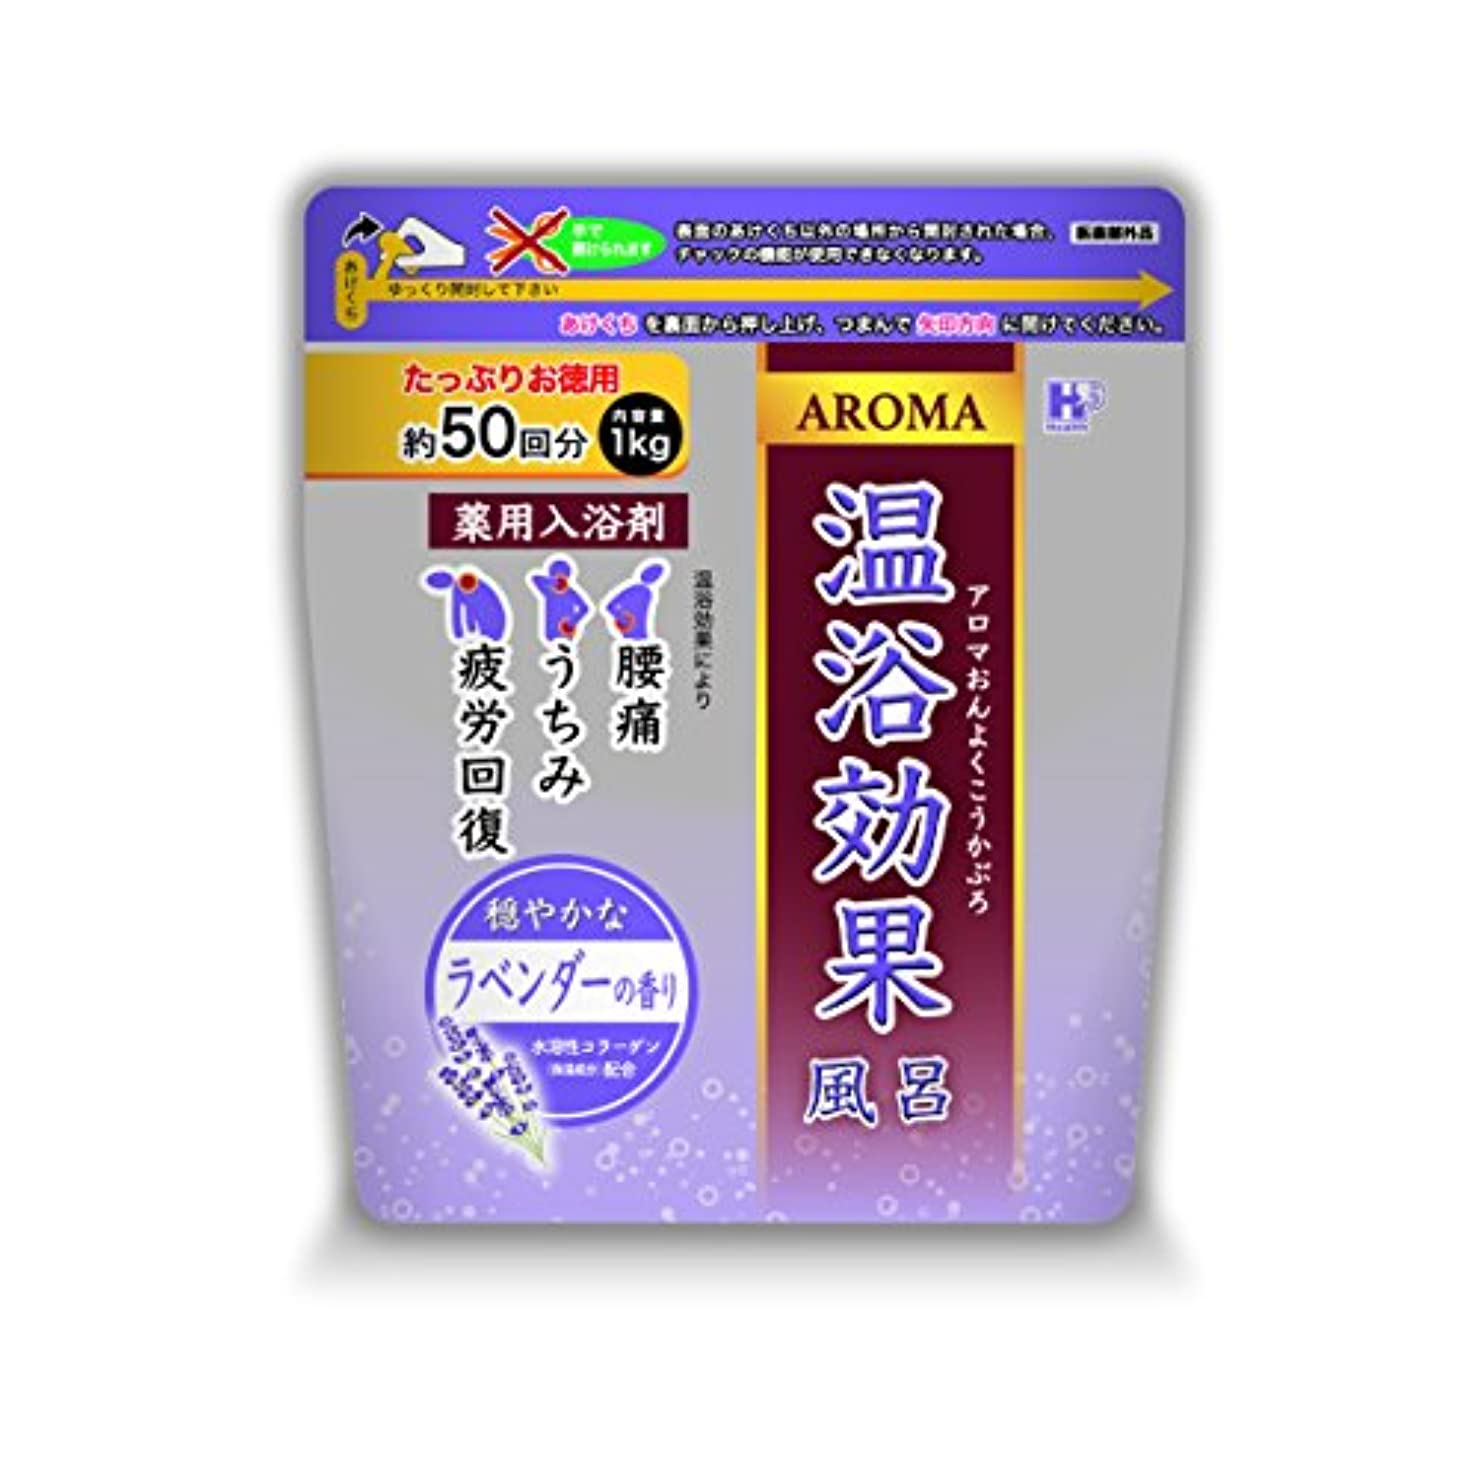 苦悩髄素子アロマ温浴効果風呂 ラベンダー 1kg